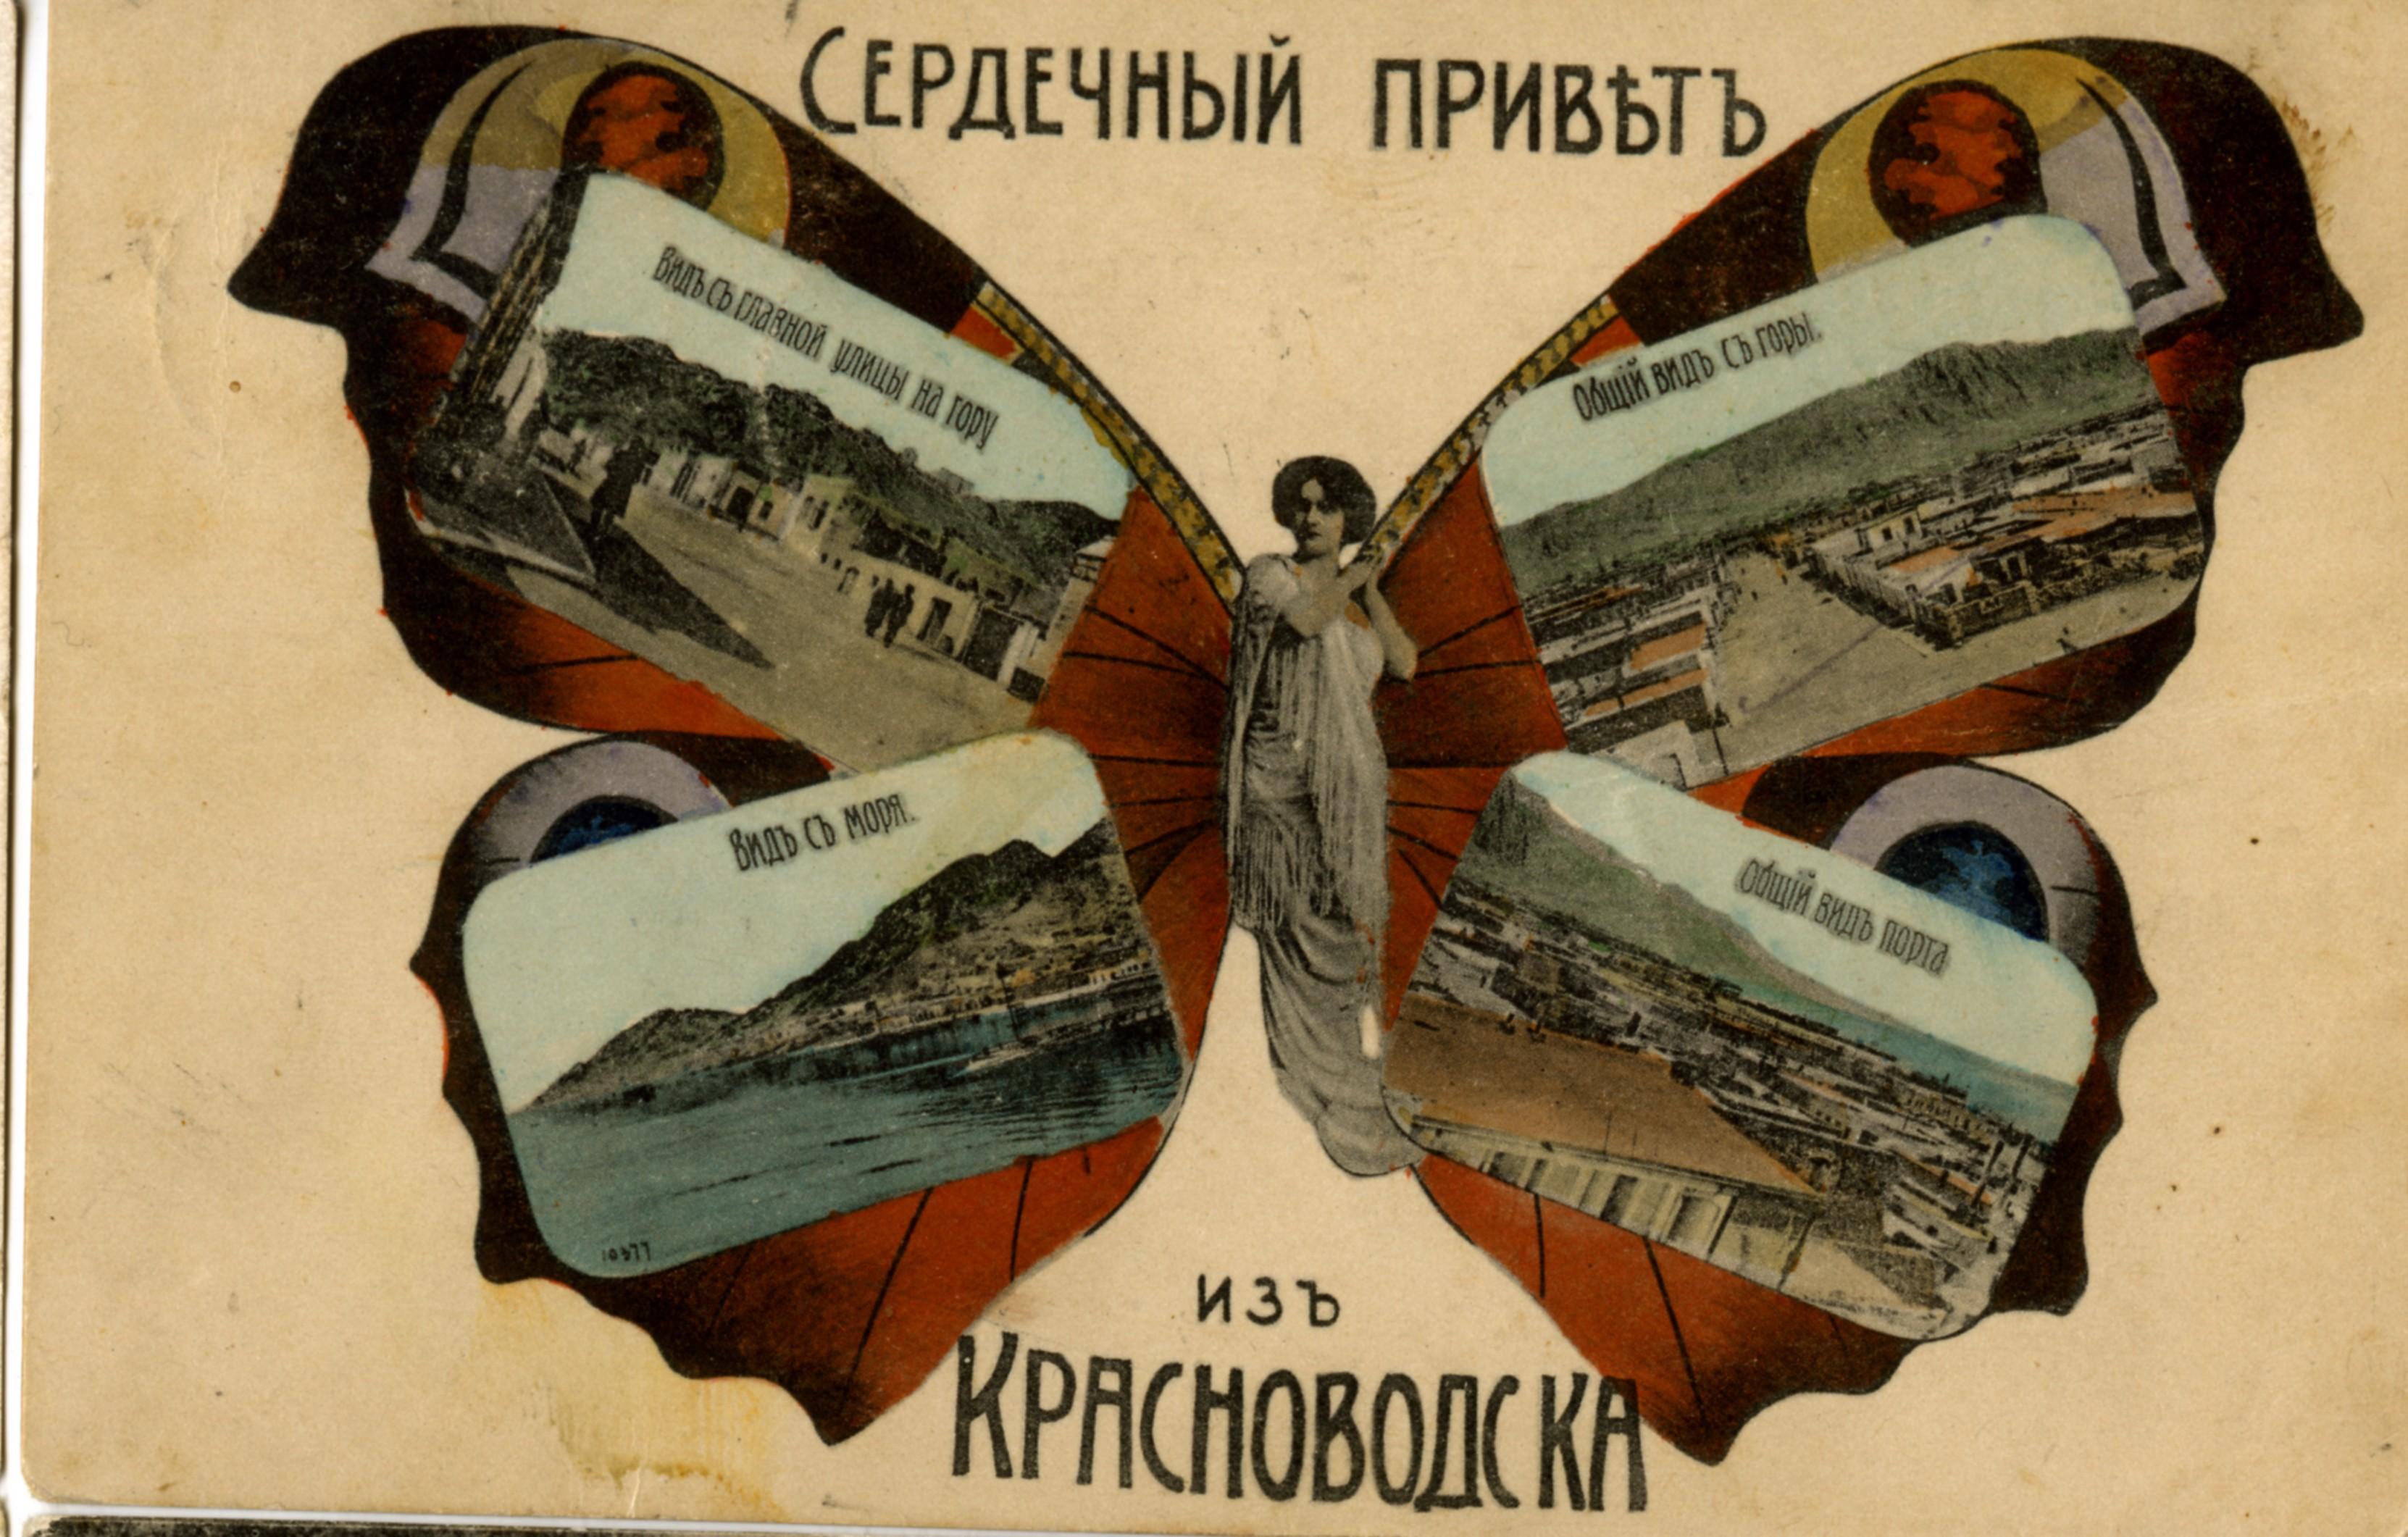 Сердечный привет из Красноводска.jpg